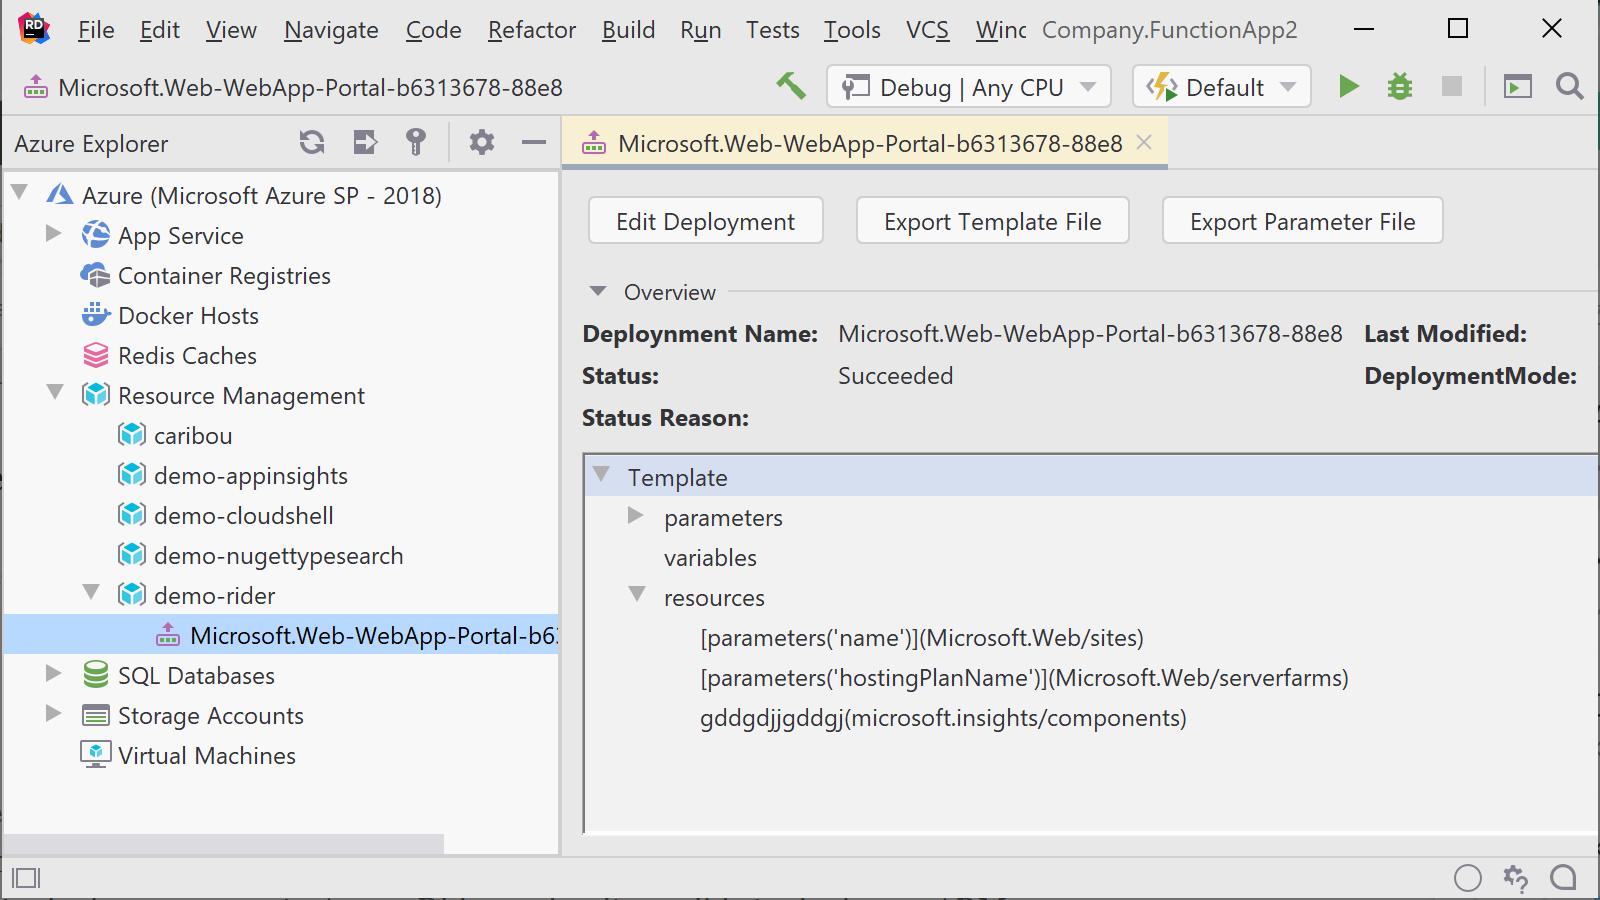 Show propertis of an Azure Resource Group deployment